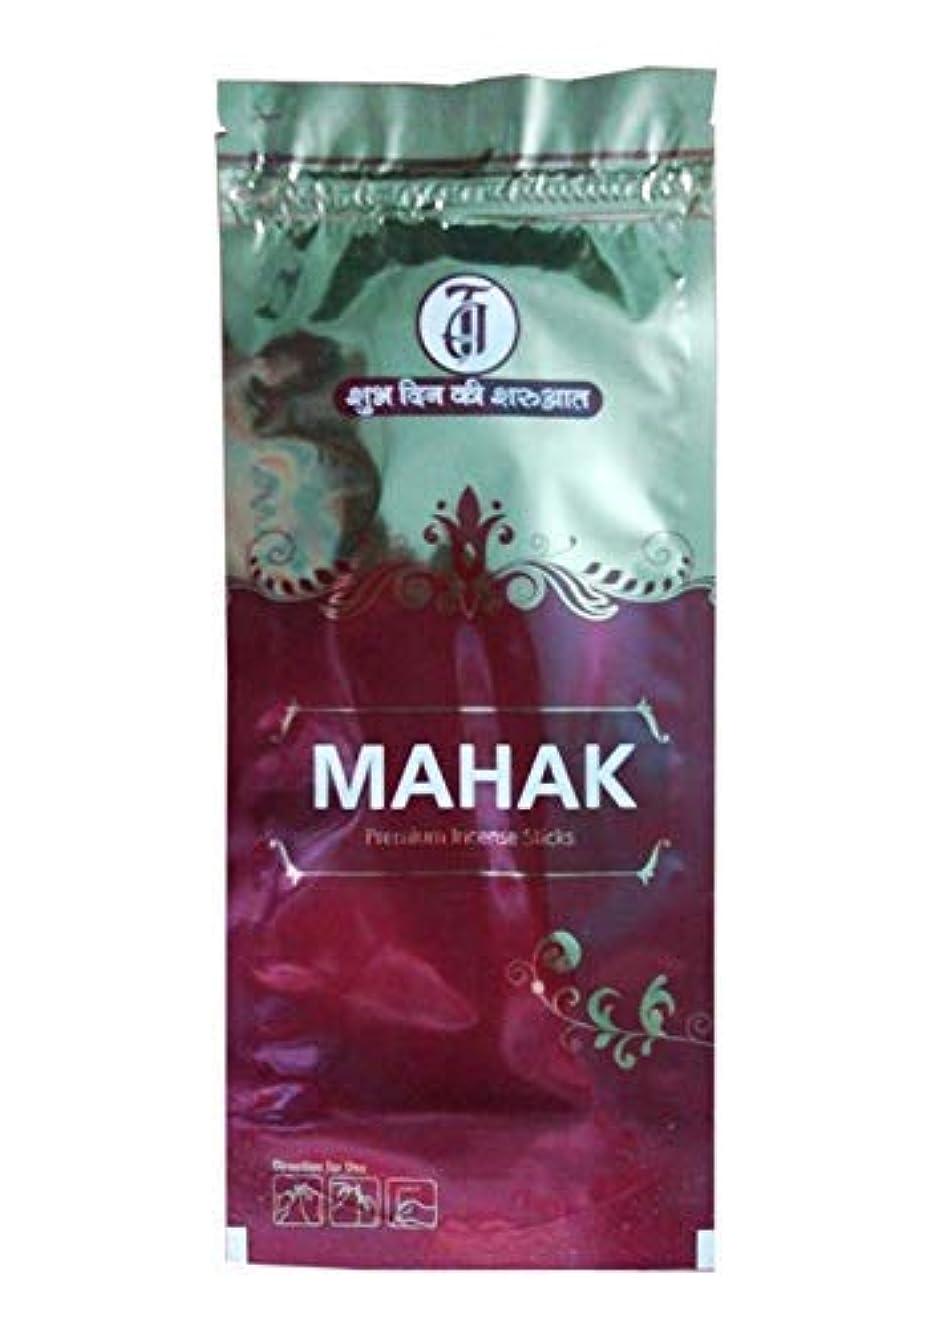 湿気の多いハーネス通りTIRTH Mahak Premium Incense Stick/Agarbatti (170 GM Pack) Pack of 2